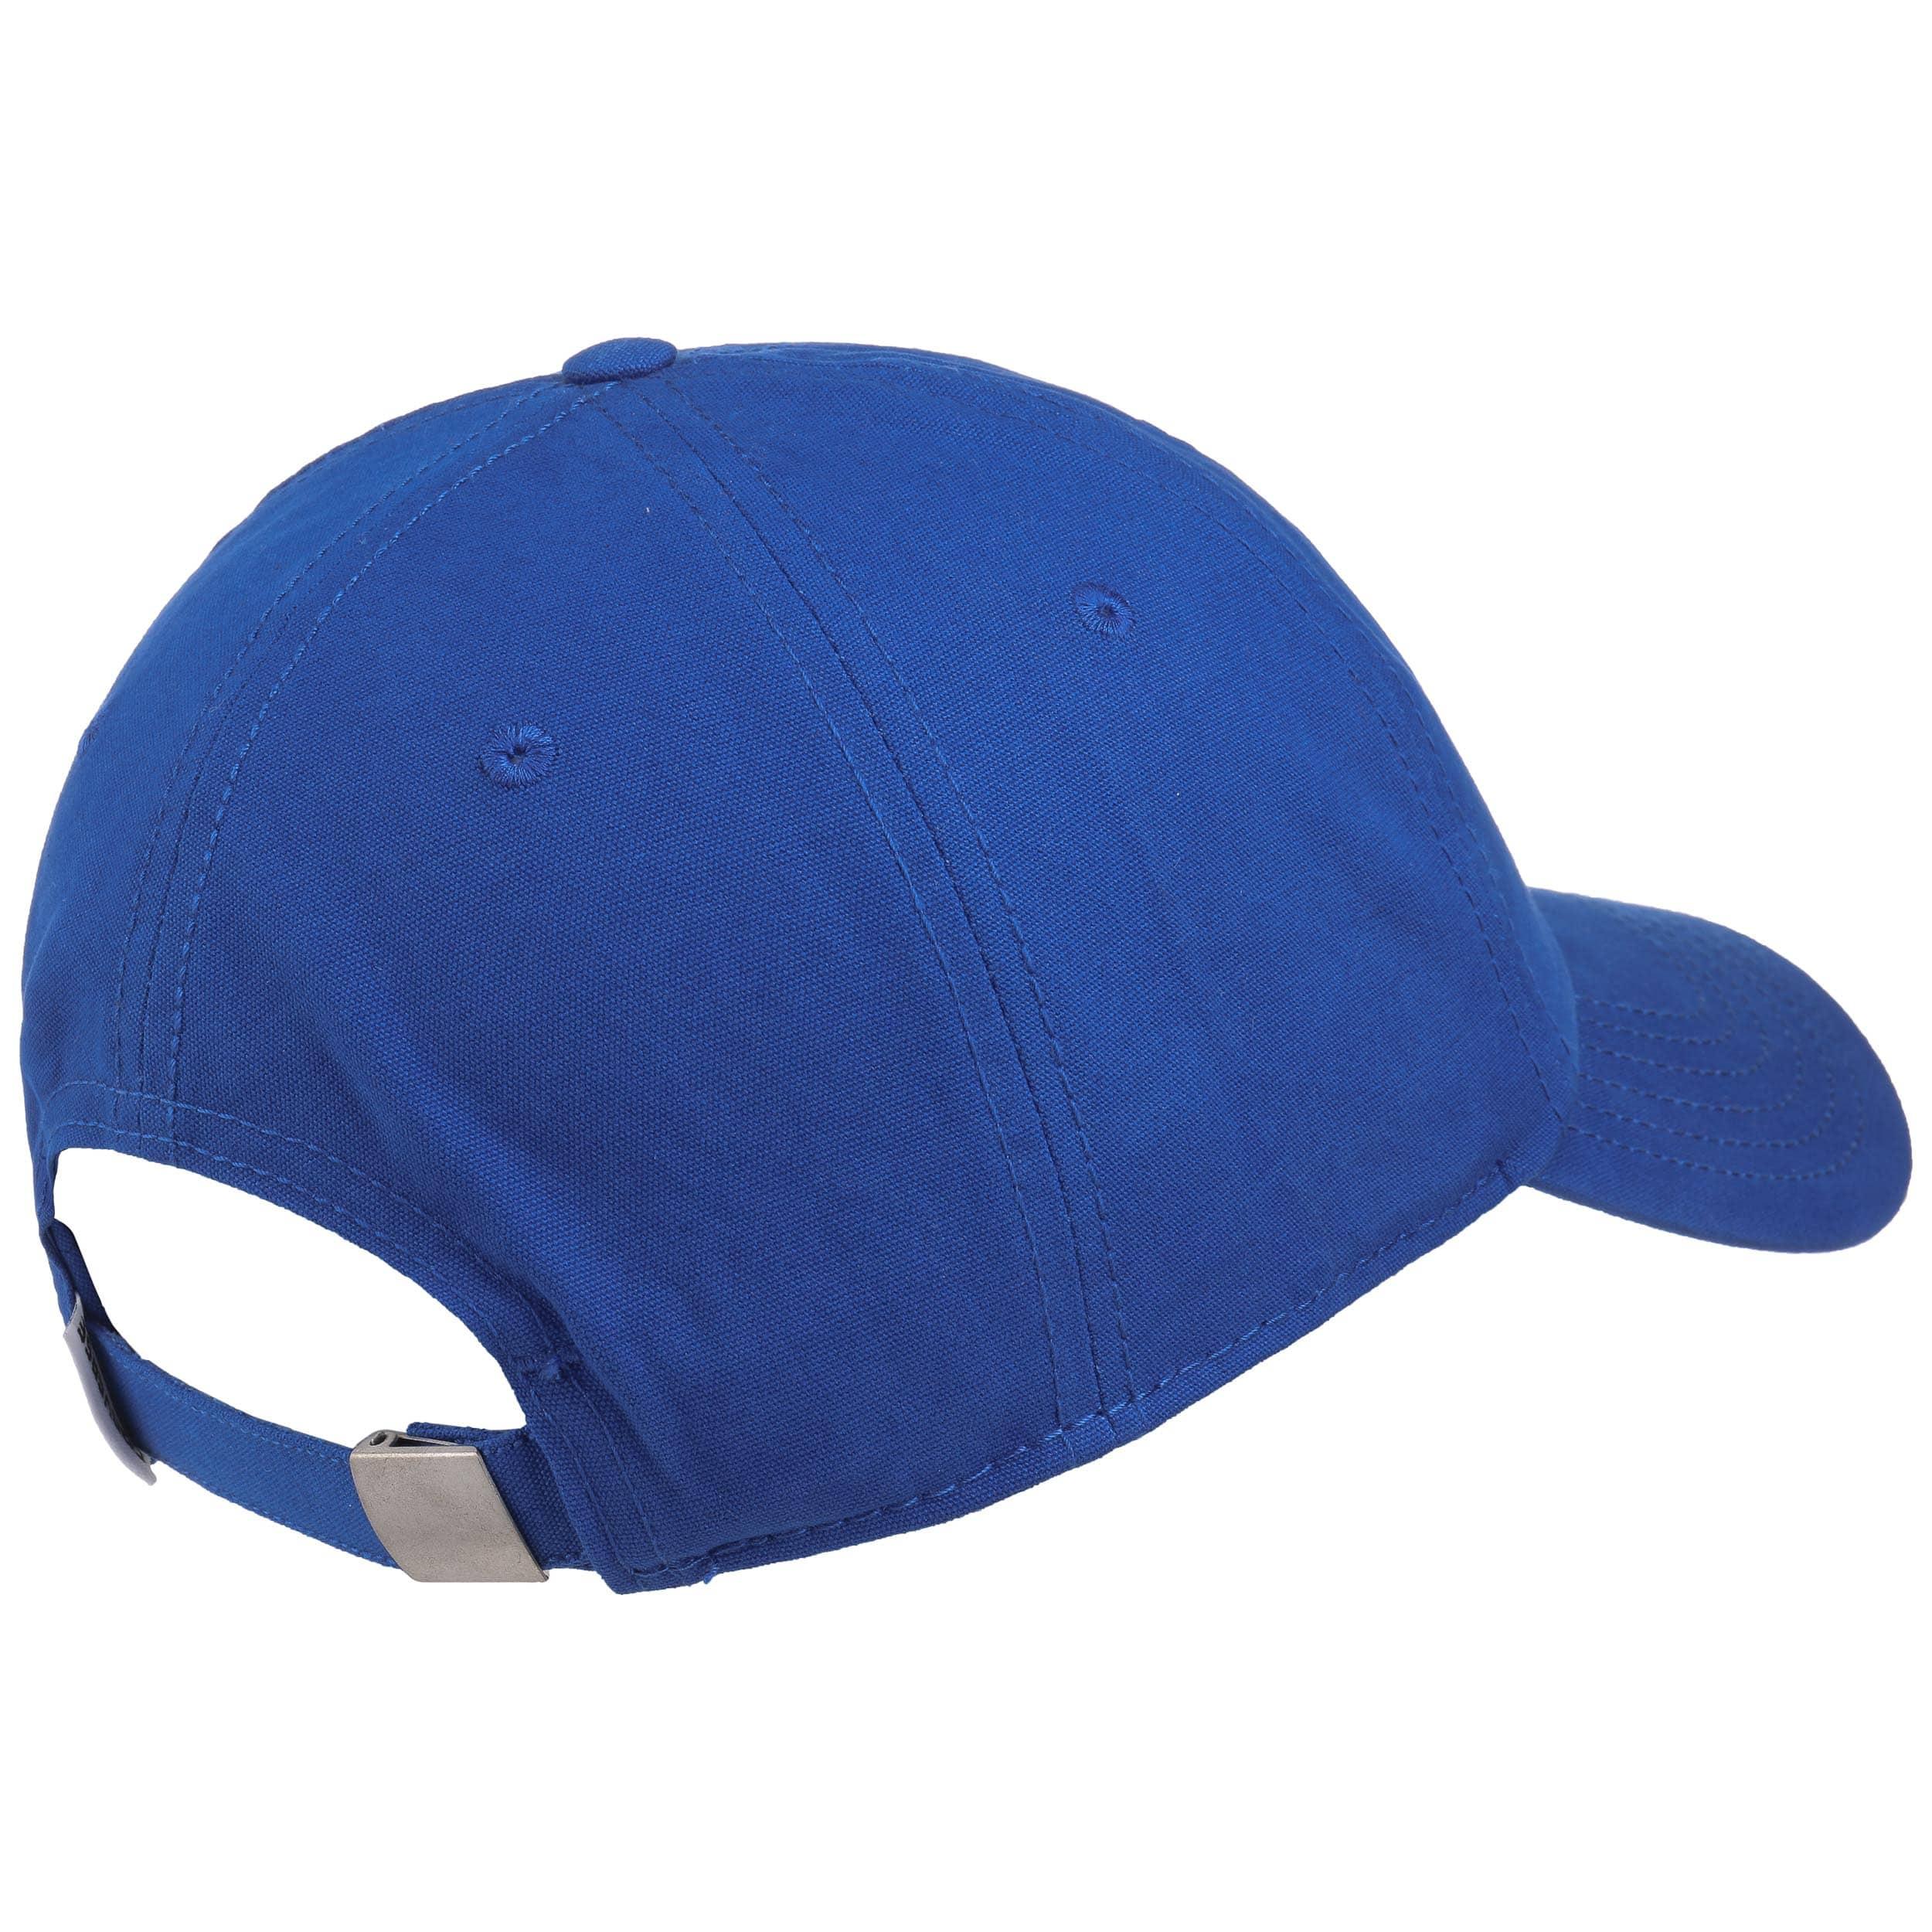 144e85109834 ... Monotone Strapback Cap by Converse - royal-blue 3 ...